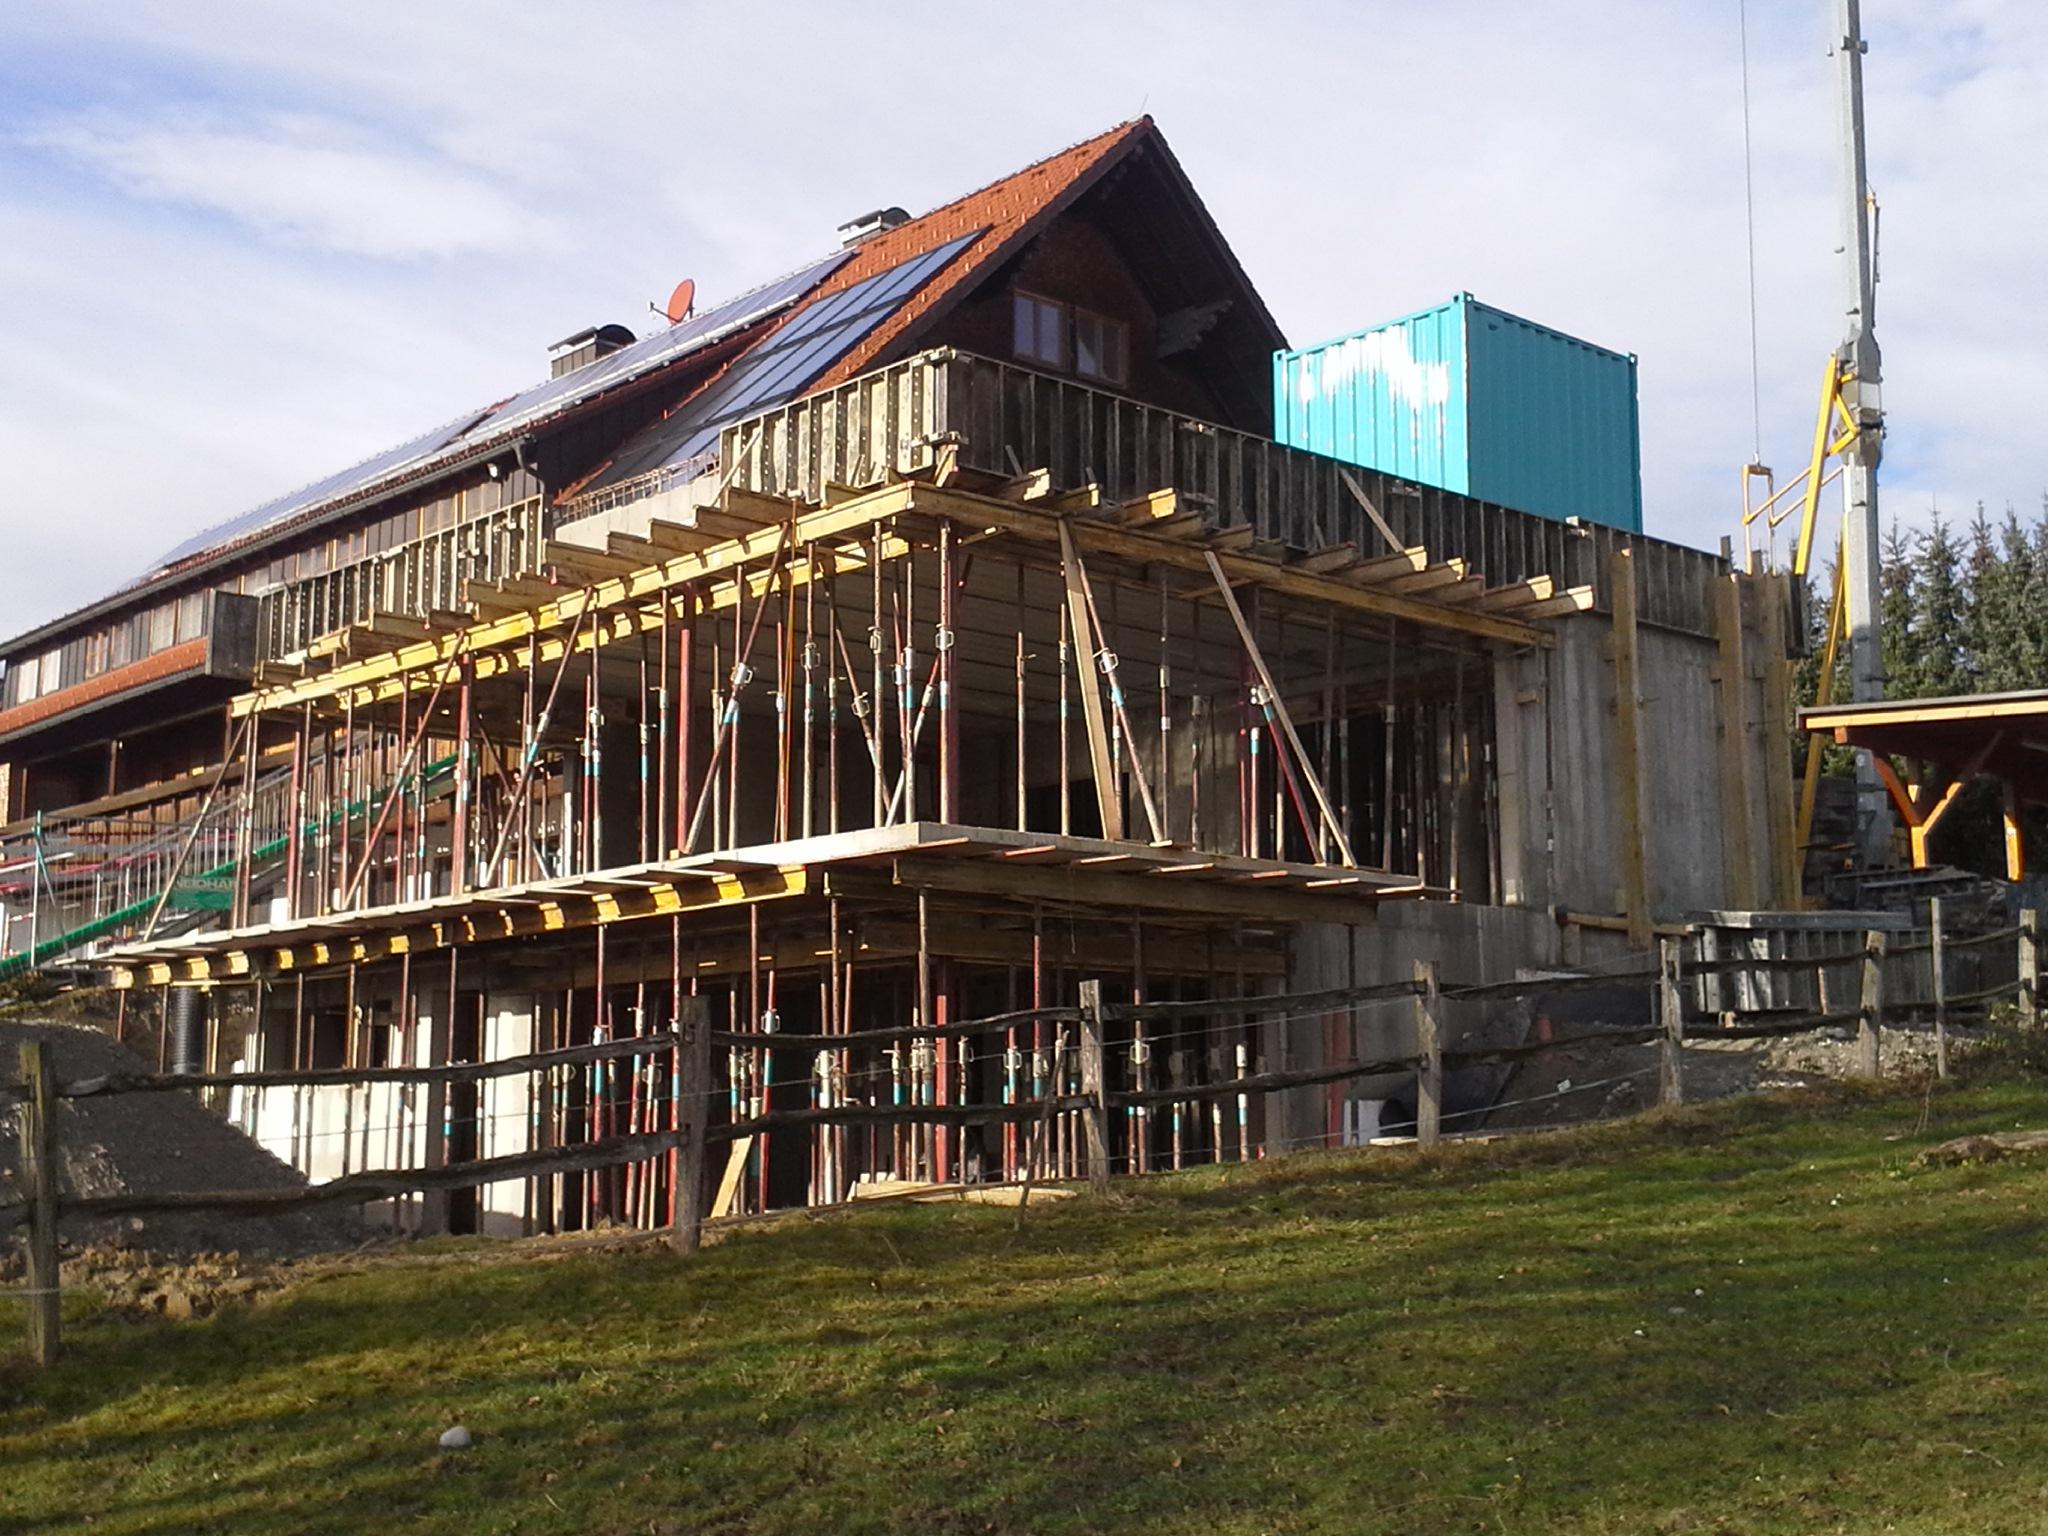 Bauphase, Rohbau, Anbau an Beherbergungsbetrieb in Scheidegg